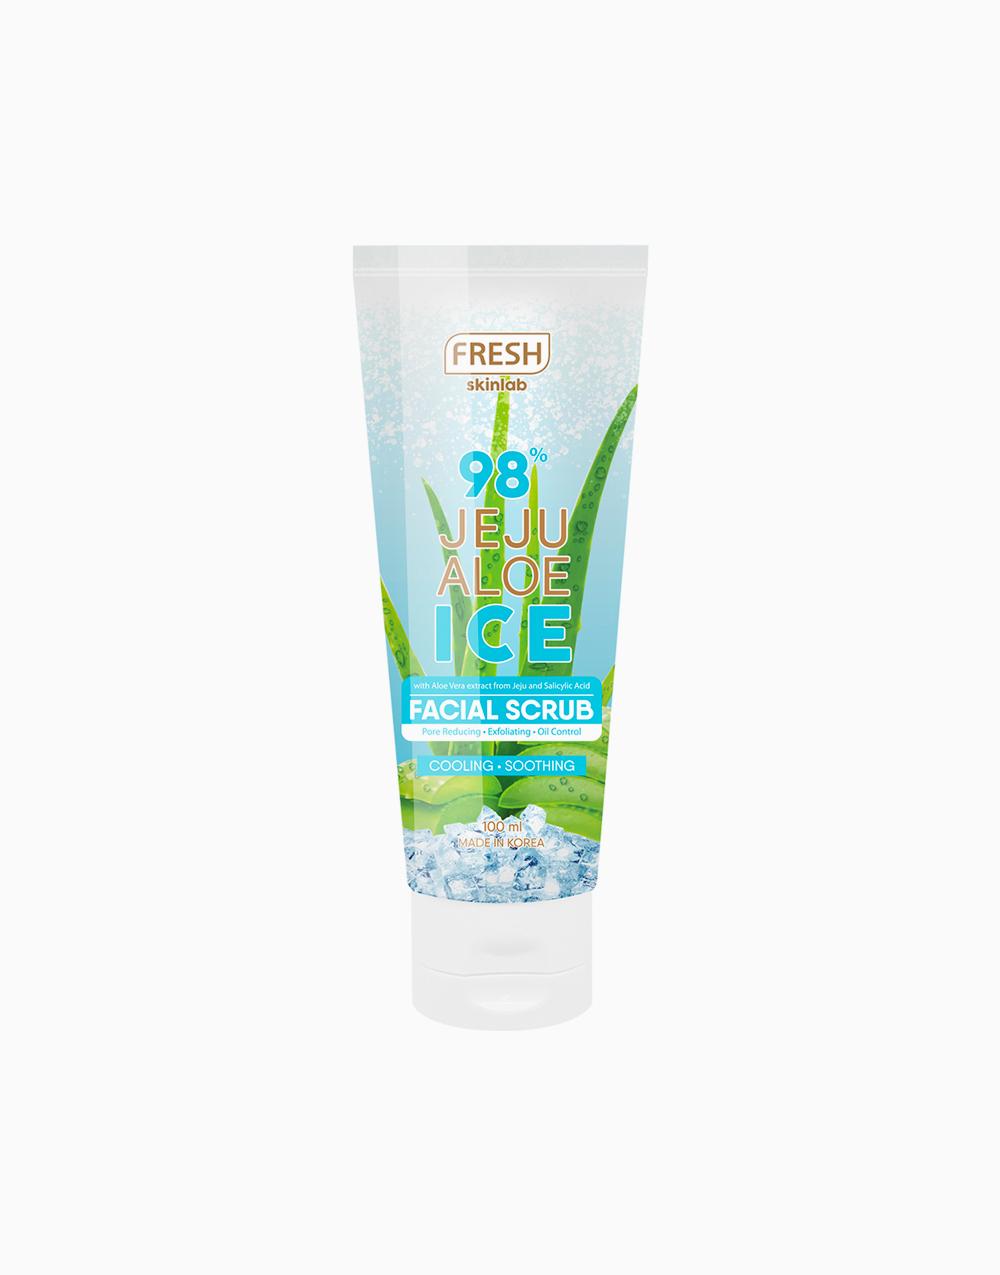 Fresh Skinlab Jeju Aloe Ice Facial Scrub (100ml) by Fresh Philippines